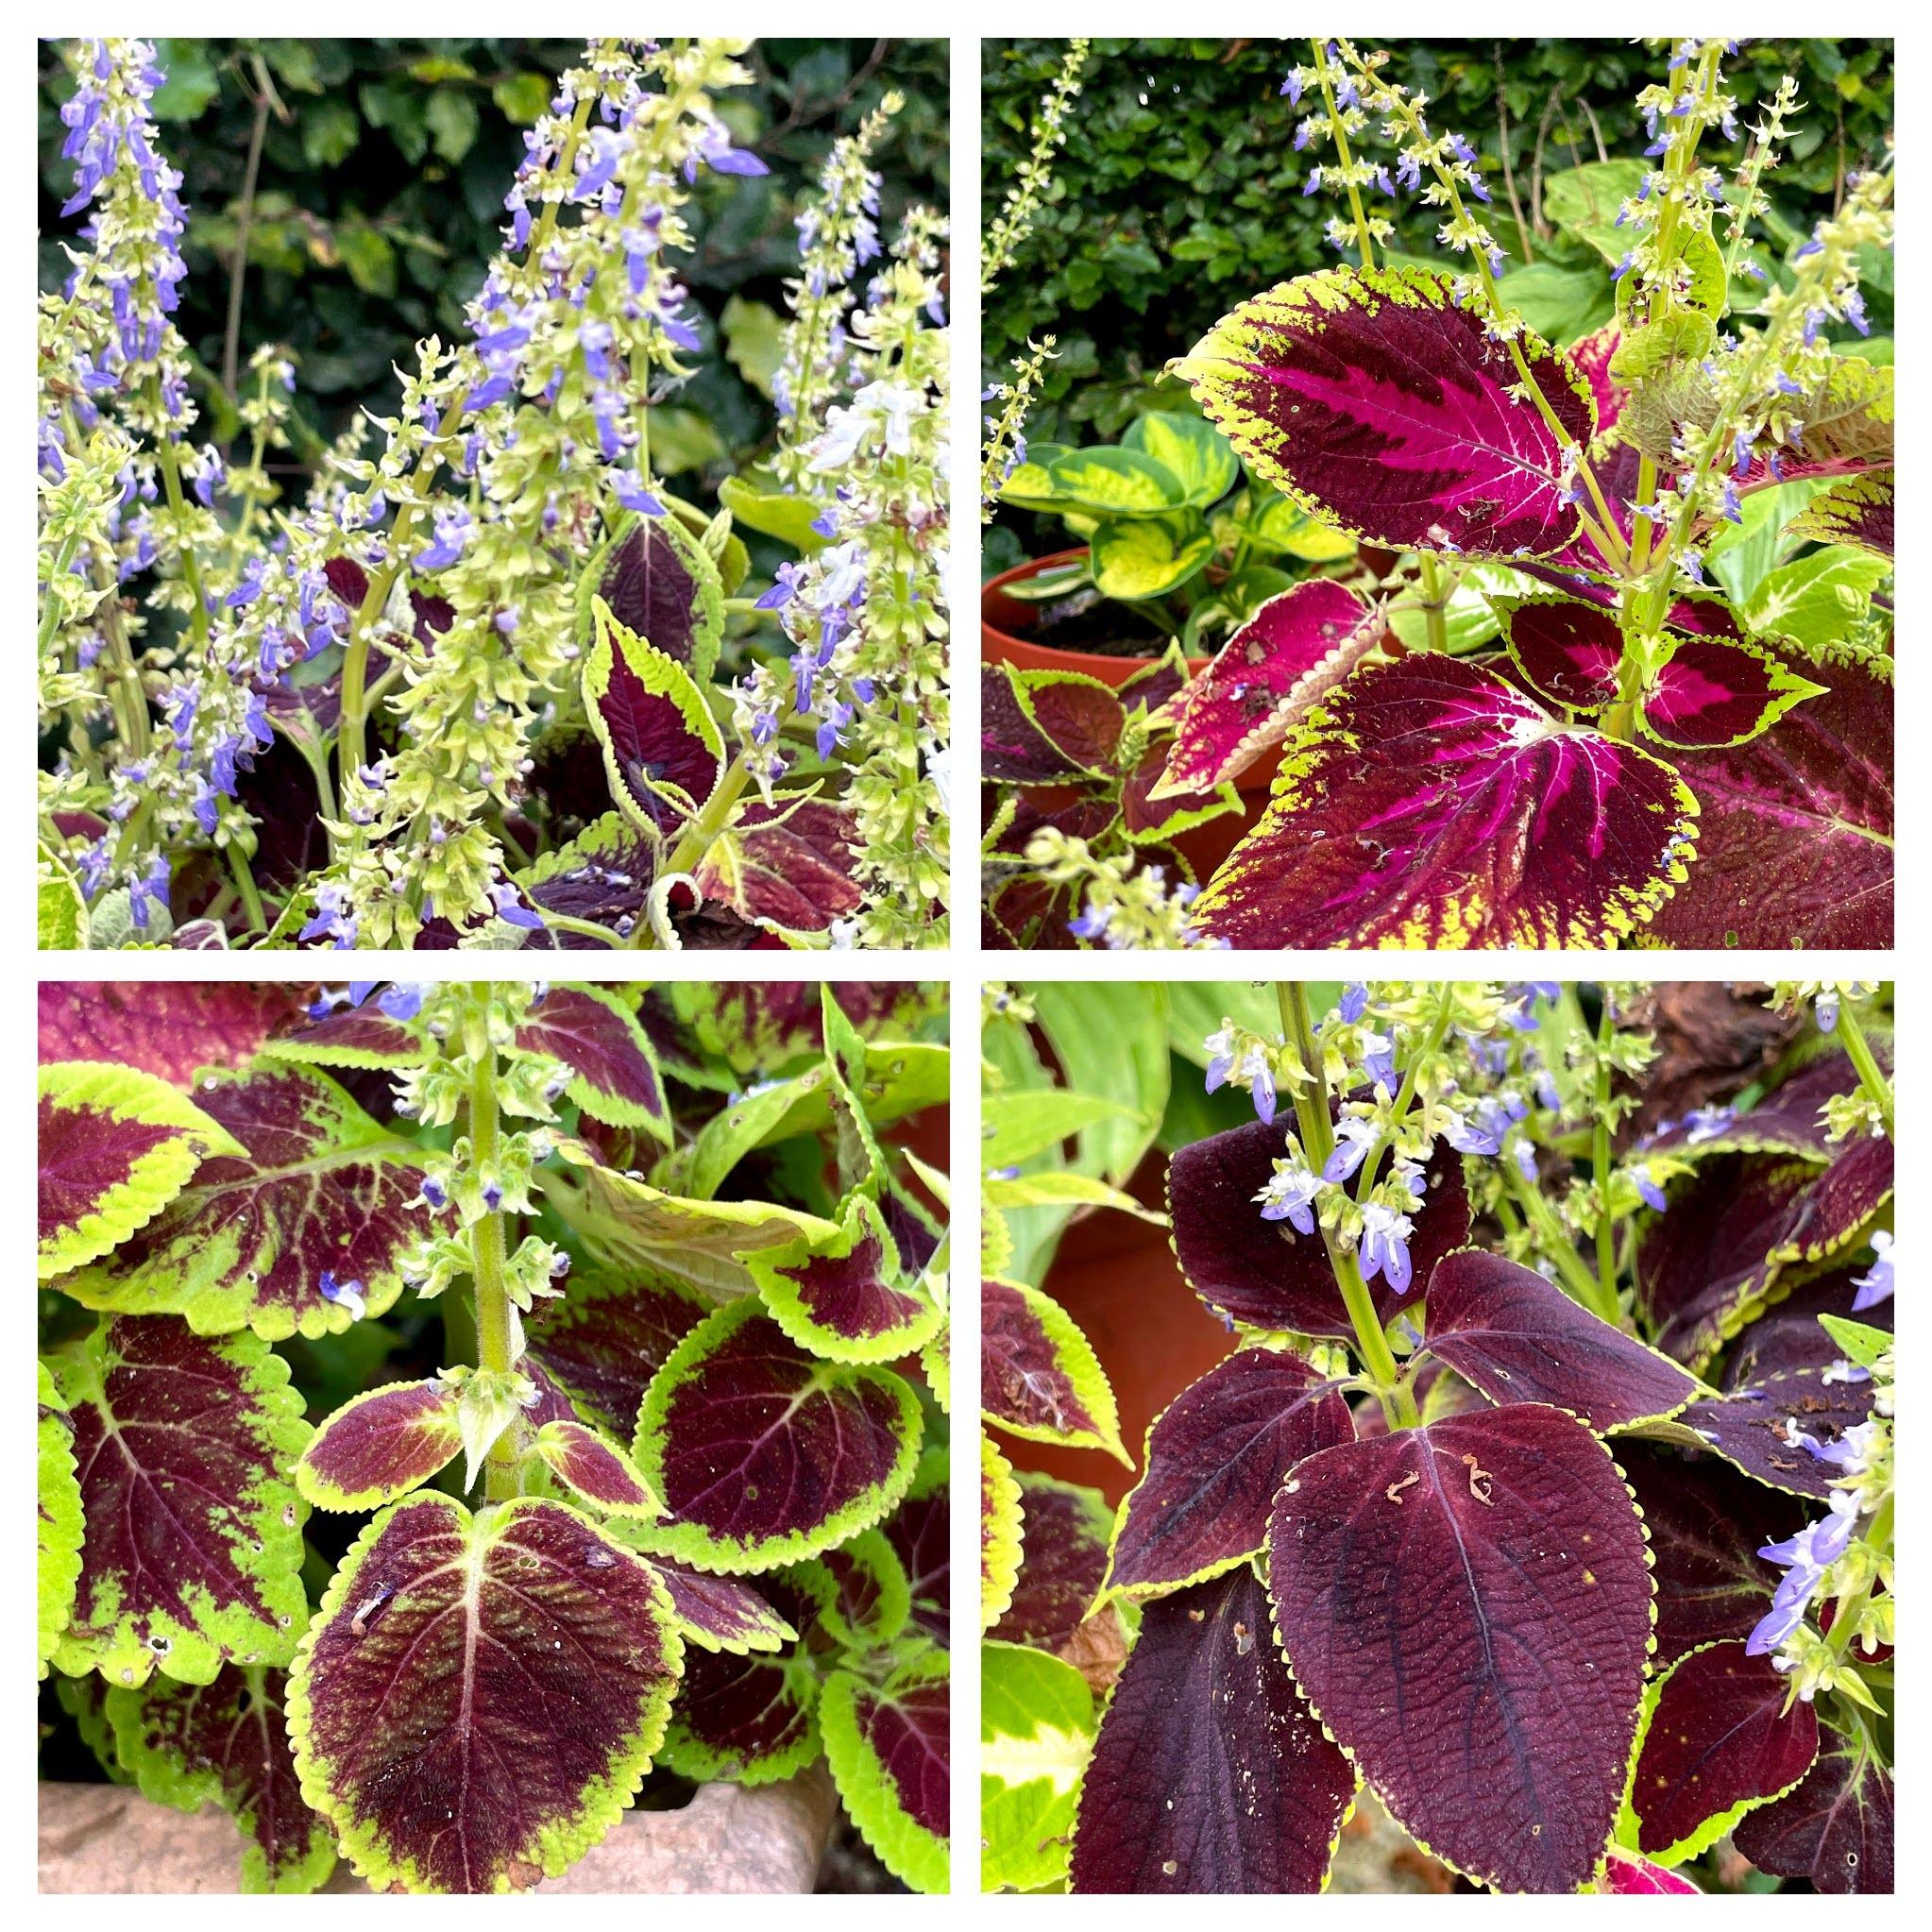 Coleus plants up close